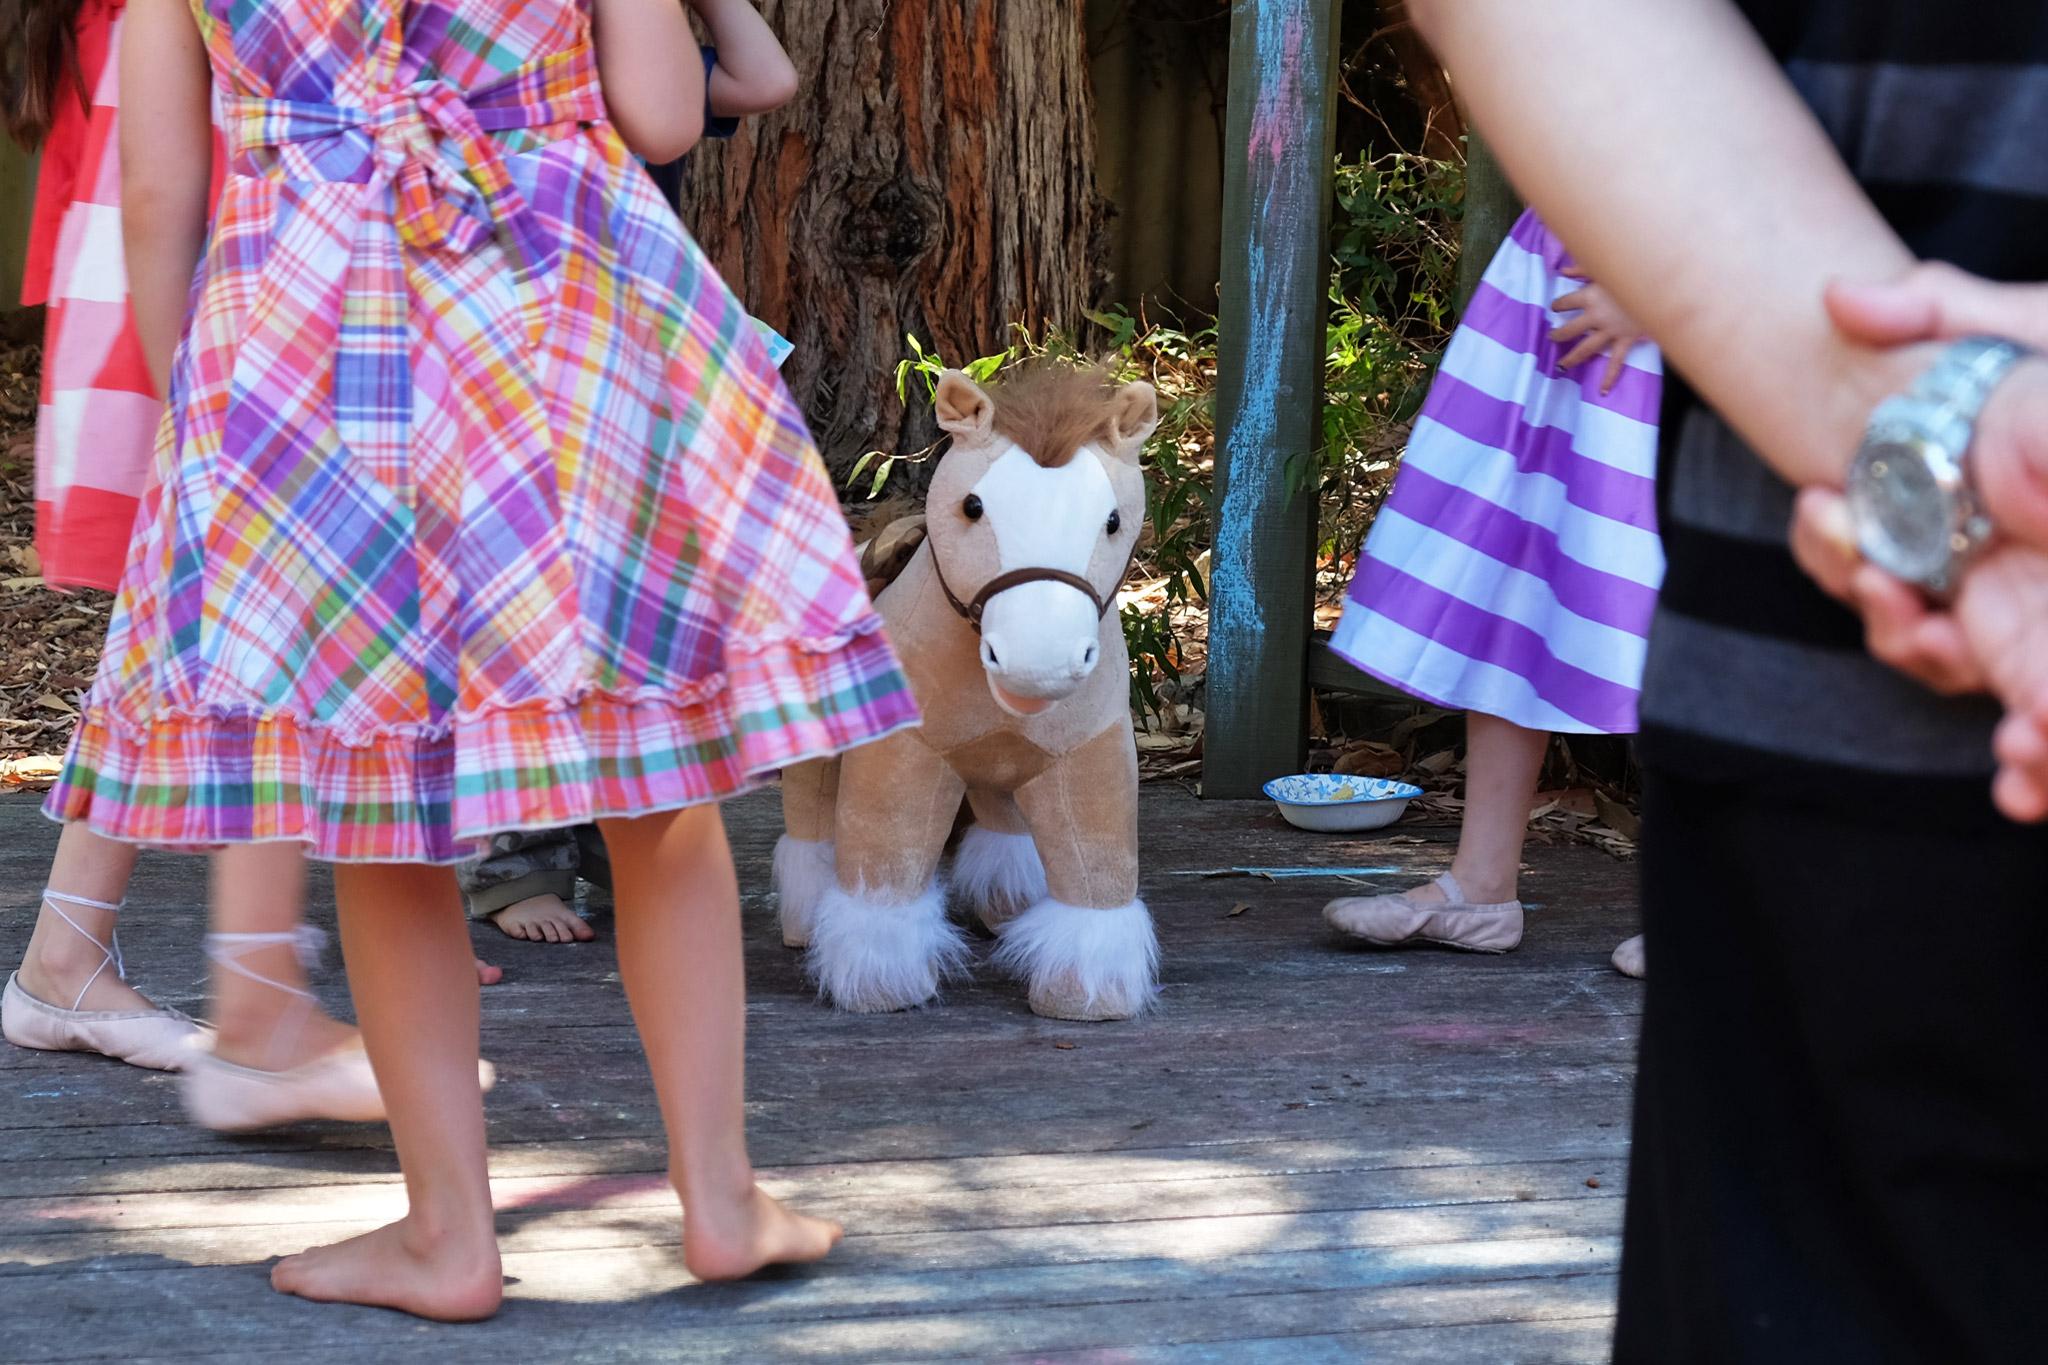 It's a pony!